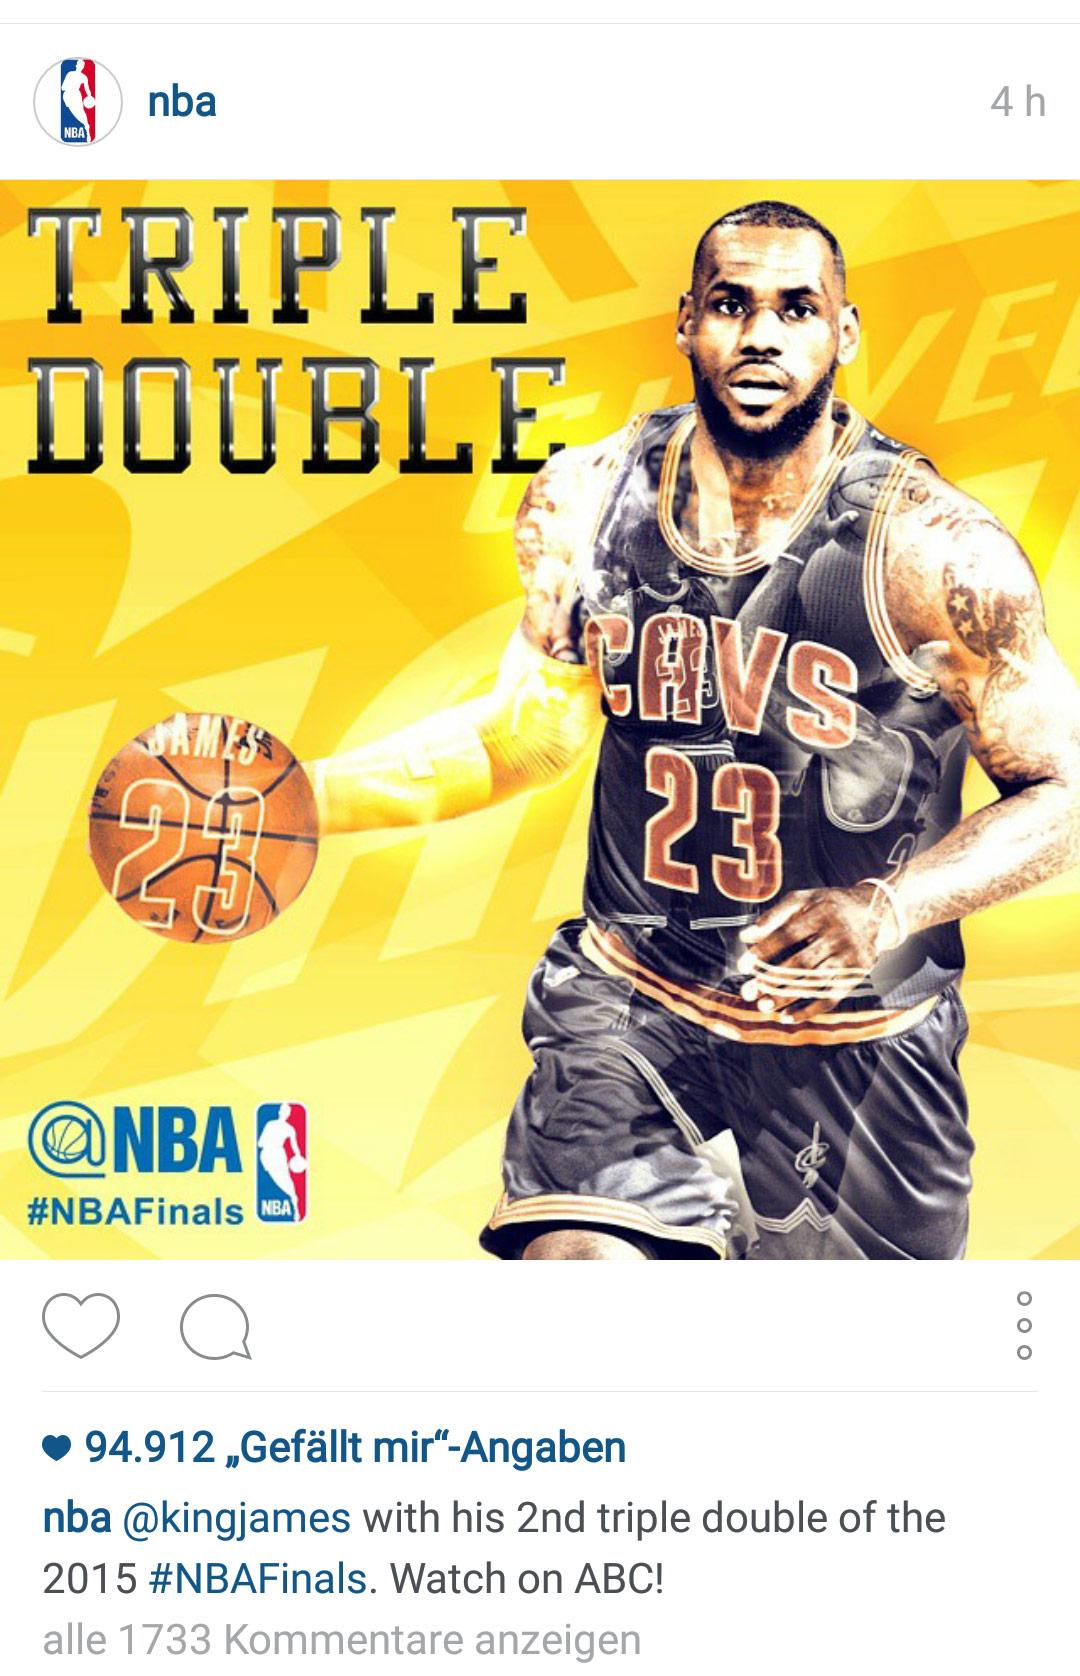 NBA-Visuals zu der Finalserie 2015 bei Instagram